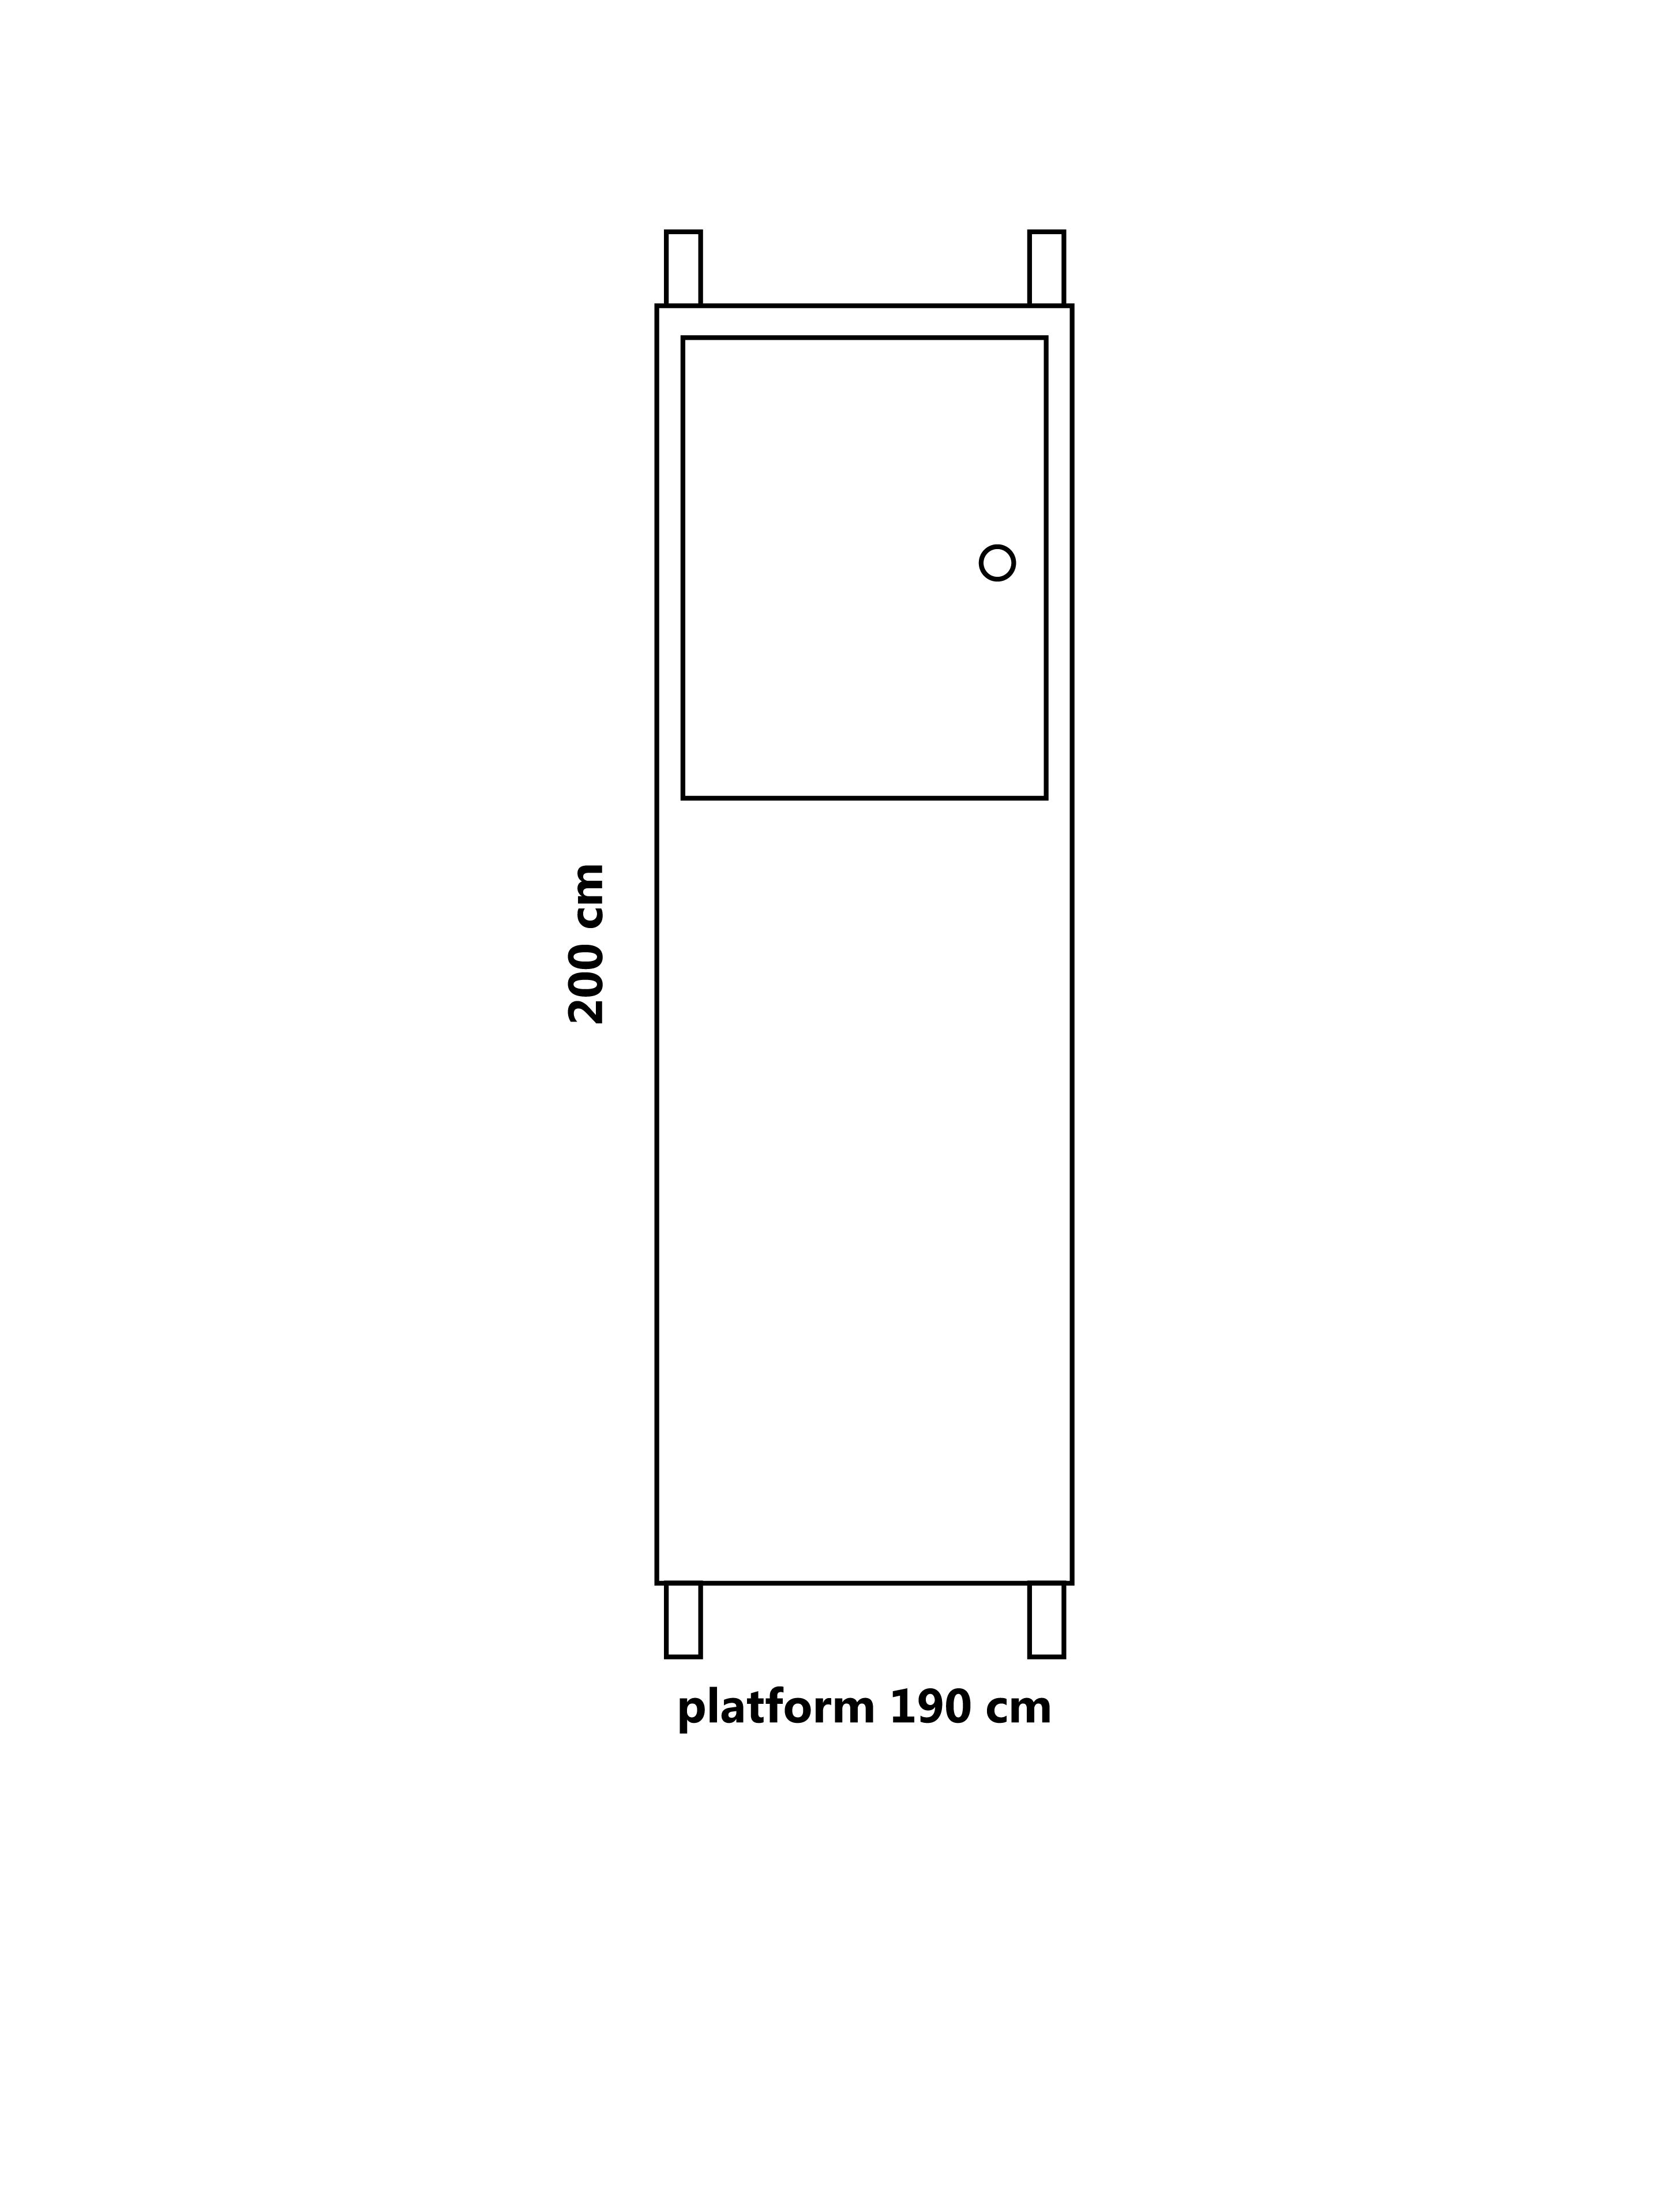 Steiger platform 190 cm